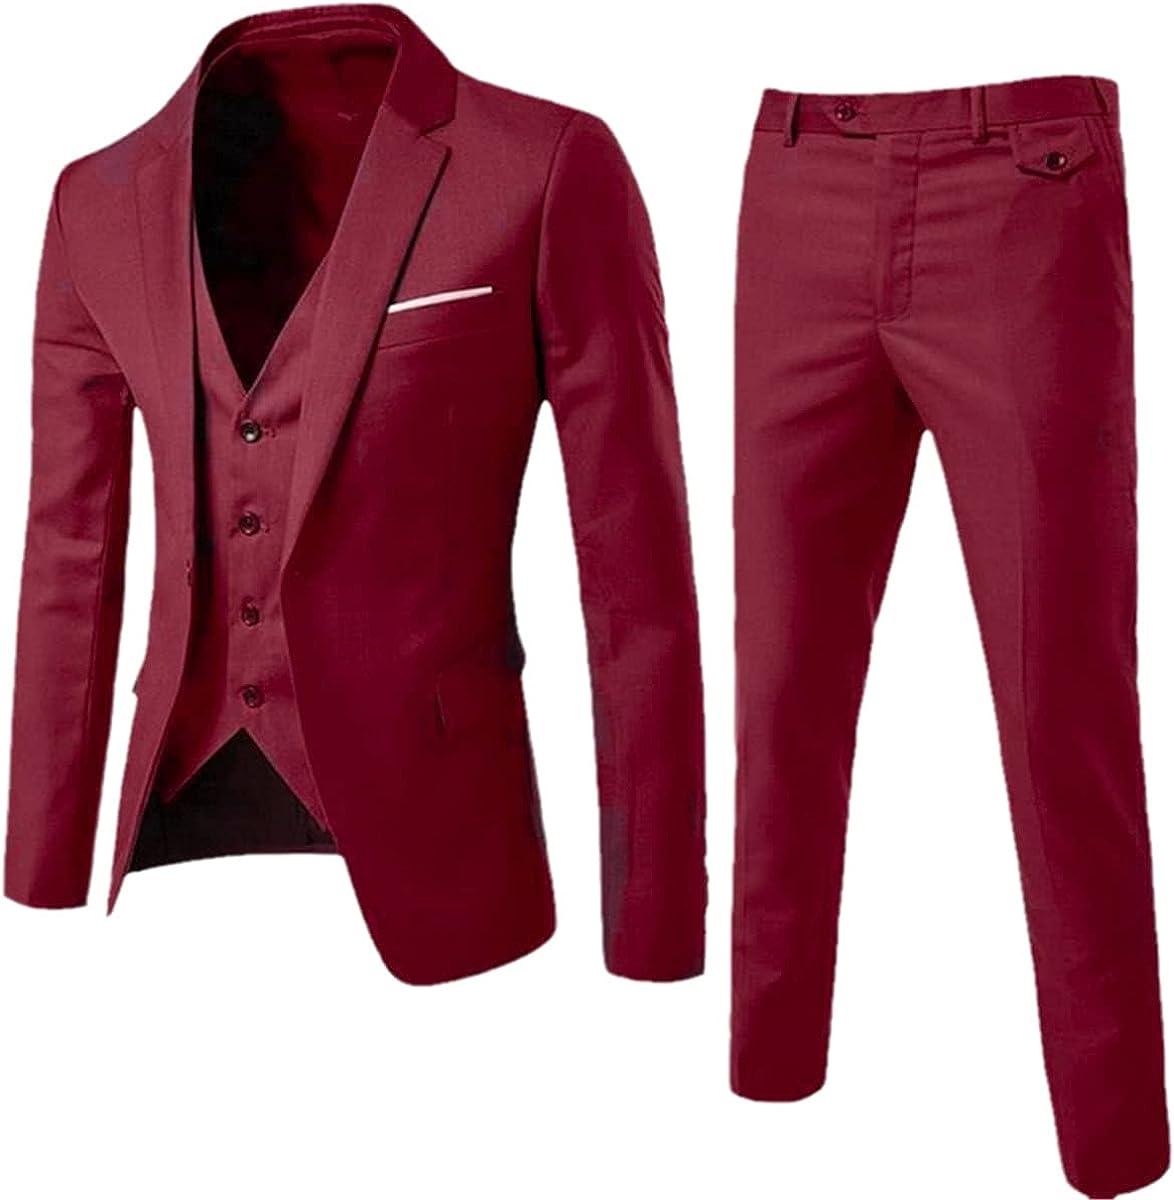 Men's Fashion Slim Suit Business Casual Wear Groomsmen Three-Piece Suit Jacket Tops Trousers Vest Set